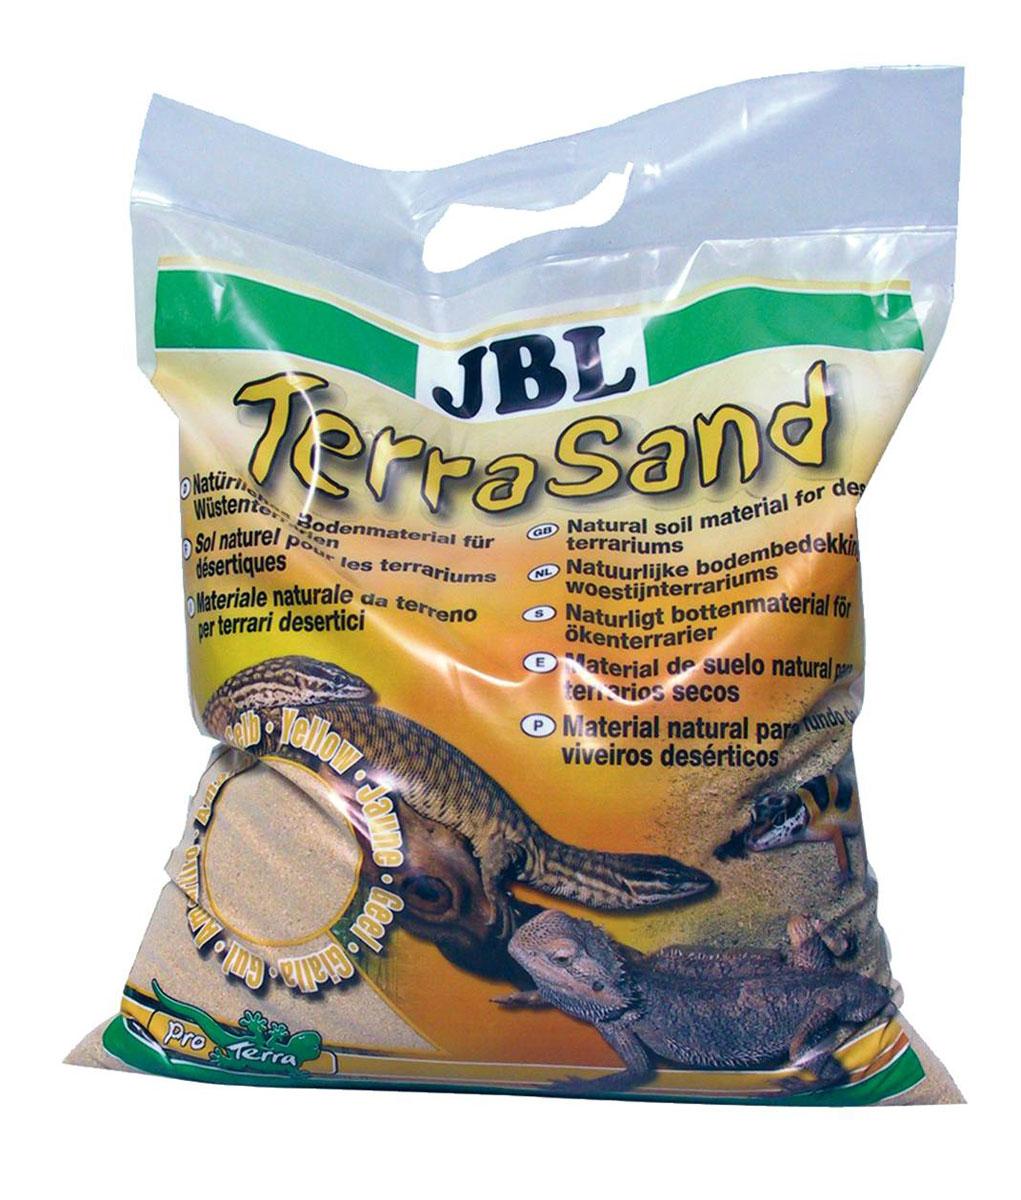 Донный грунт JBL TerraSand, для сухих террариумов, цвет: натуральный желтый, 7,5 кг0120710Донный грунт JBL TerraSand из натурального песка предназначен для сухих песчаных террариумов. Грунт - важная часть террариума, так как многие обитатели копают его и ищут там корм. Песчинки округлой формы предотвращают повреждение кожи рептилий. Чтобы обустроить обитателям террариума дом, как в природе, террариум необходимо оформить согласно биотопу. Для животных решающее значение кроме прочего имеет размер террариума. При установке подбирают правильный субстрат, подходящие растения, обеспечивают вентиляцию, освещение и обогрев террариума. Зерно: 0,7-1,25 мм.